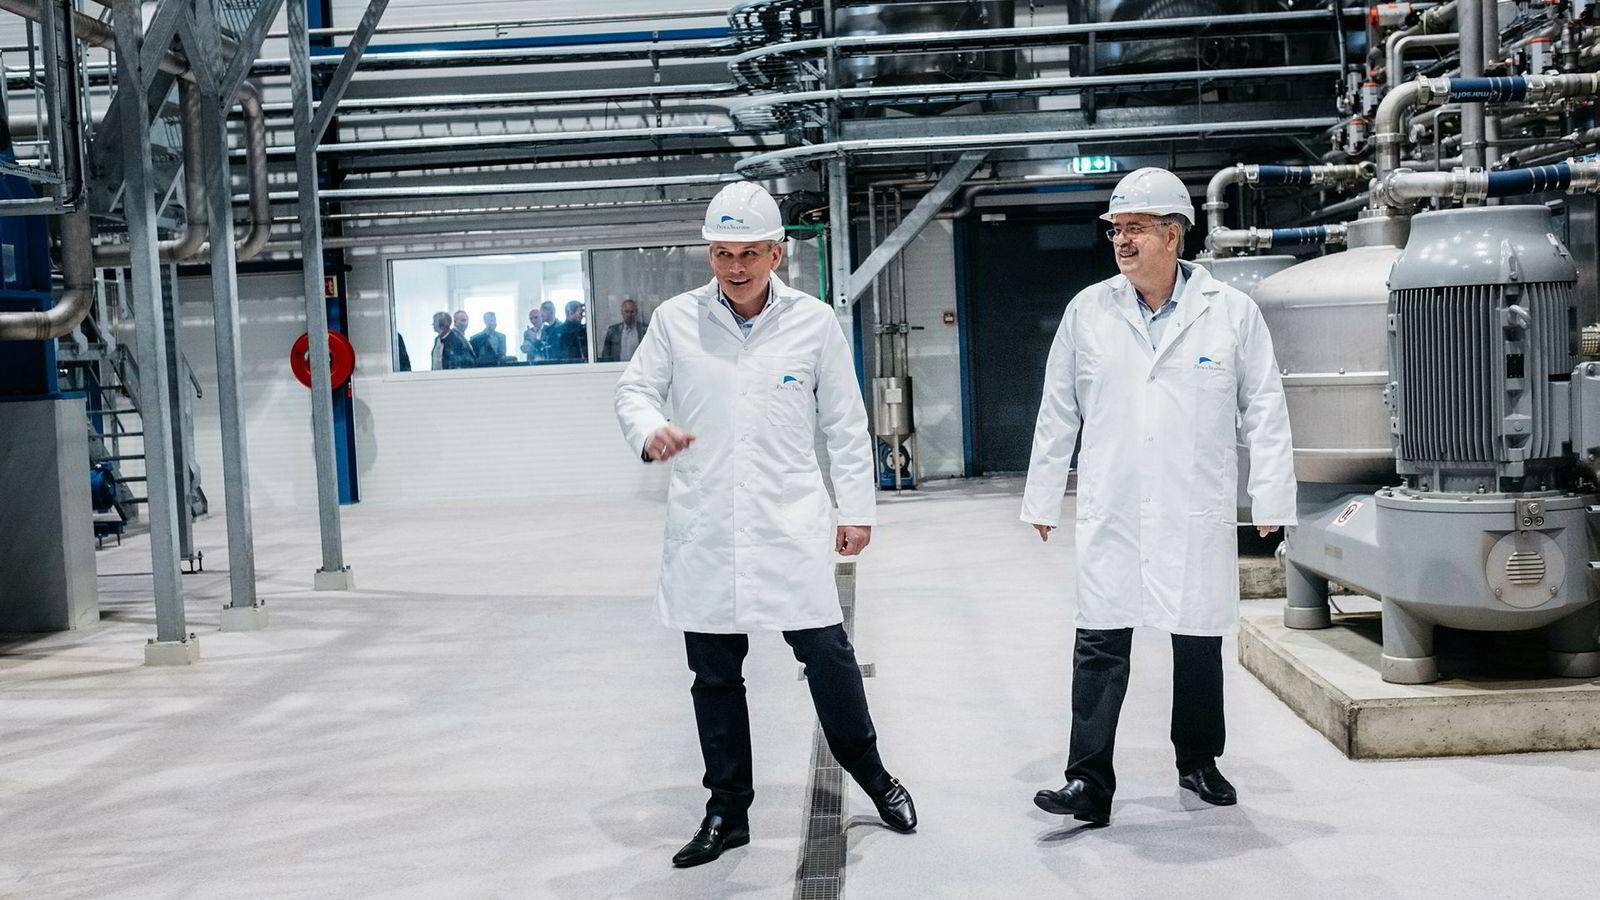 Anbjørn Øglend, til venstre, og Jakob Hatteland satser 300 millioner kroner på ny fiskemelfabrikk i Egersund. Det er bare første skritt i satsingen i et nytt fiskerikonsern.